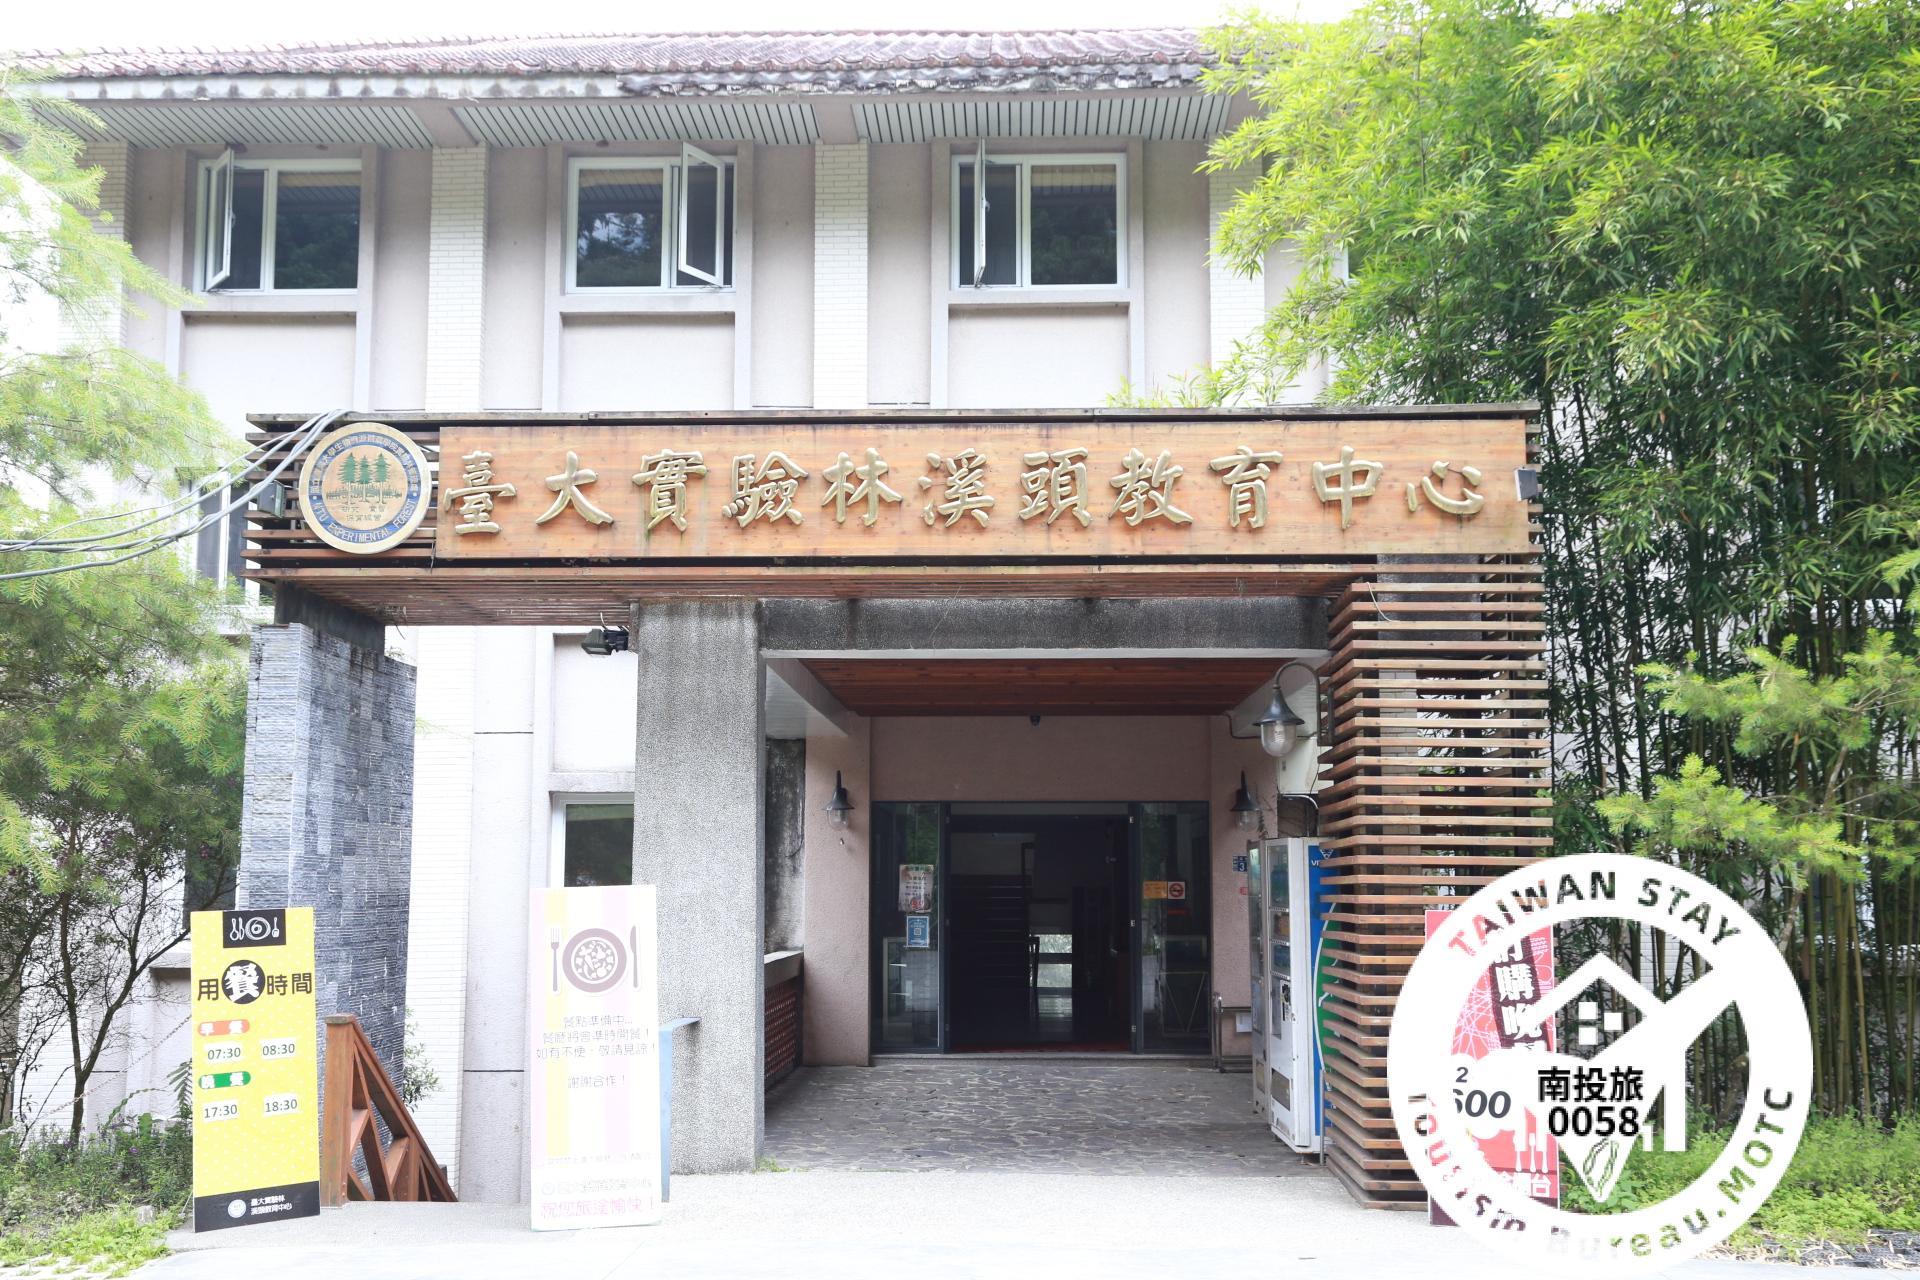 渓頭餐廳旅社チトウ ホテル(溪頭餐廳旅社)